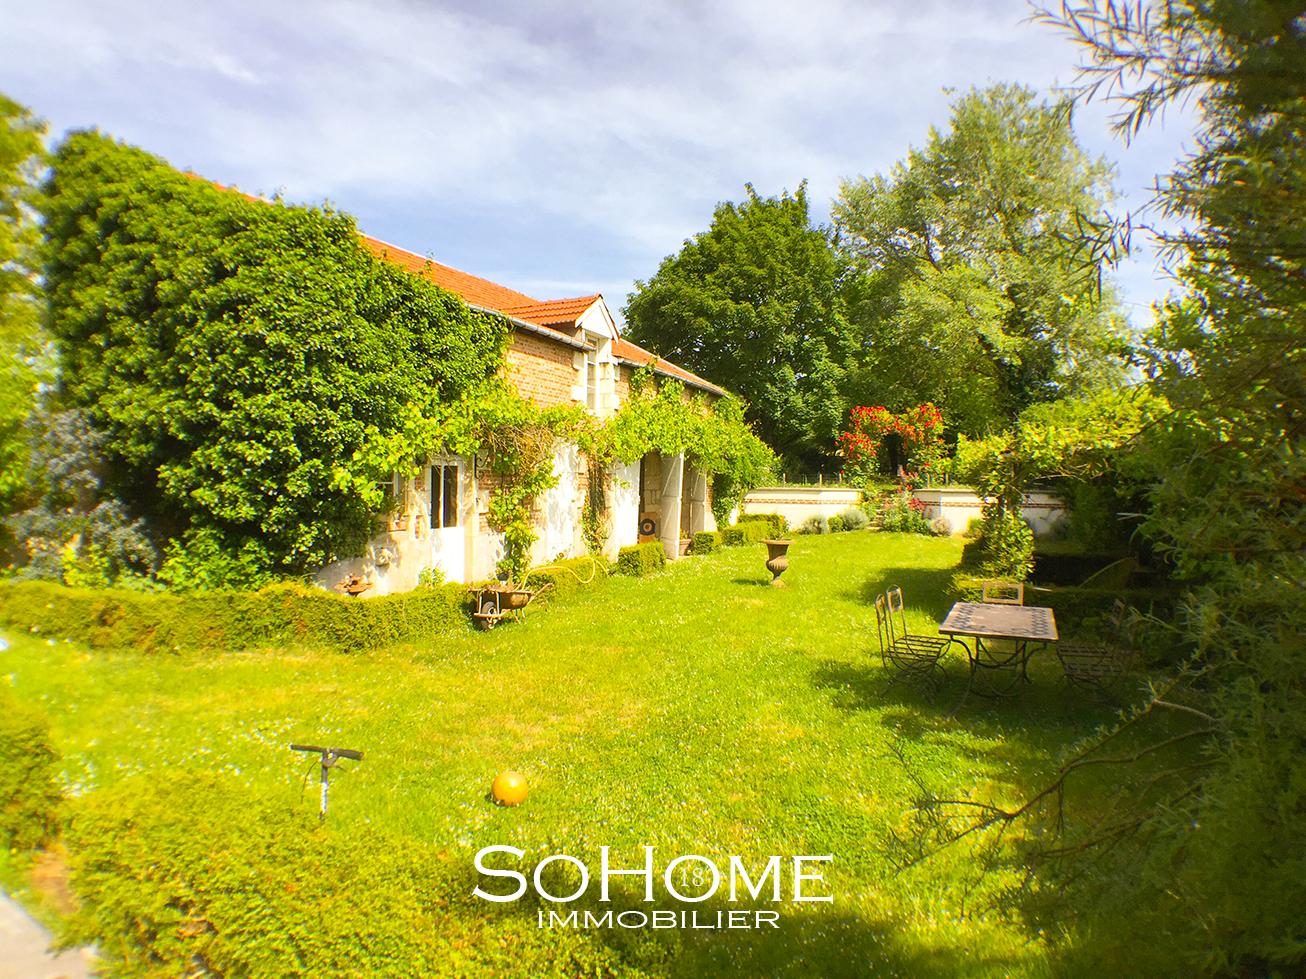 SoHomeImmobilier-FAMILIALE-maison-3.jpg